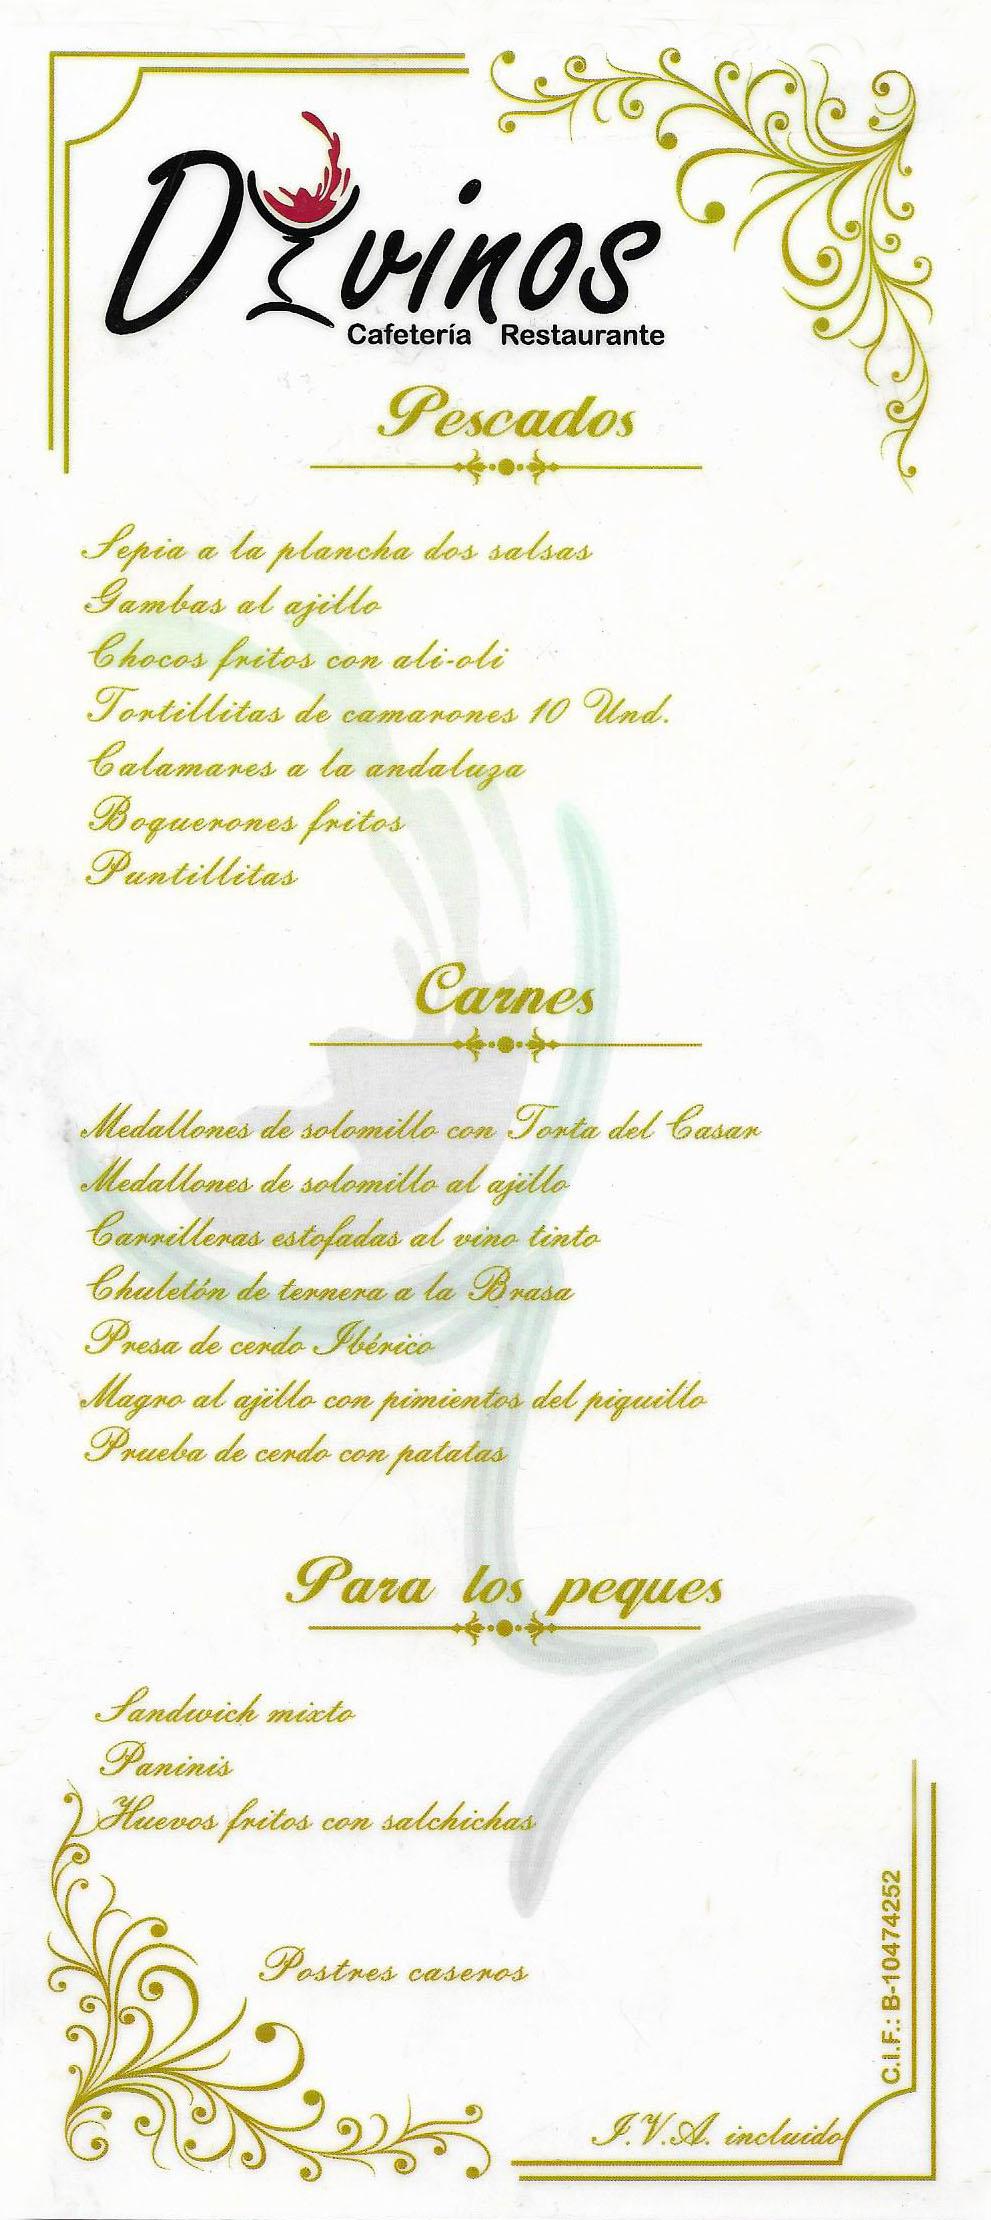 RESERVA RESTAURANTE CAFETERIA CACERES DIVINOS - ESTACION DE AUTOBUSES